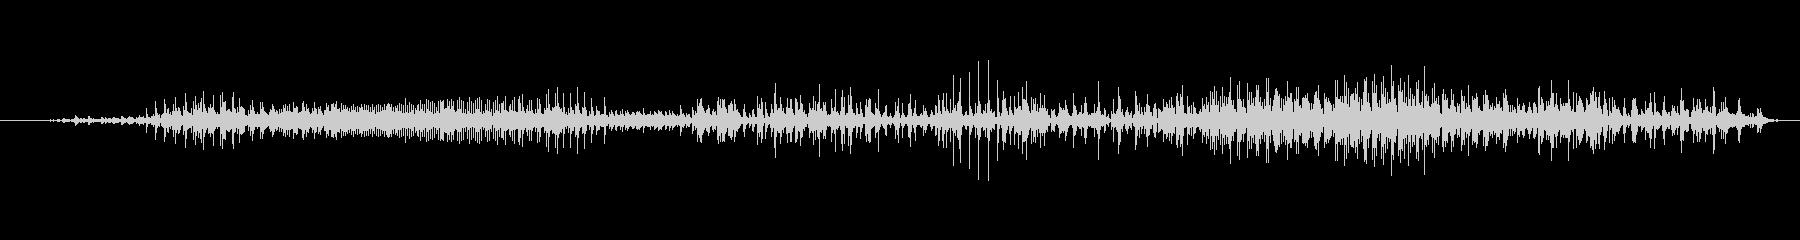 ゾンビ ヒューマンチェンジ01の未再生の波形